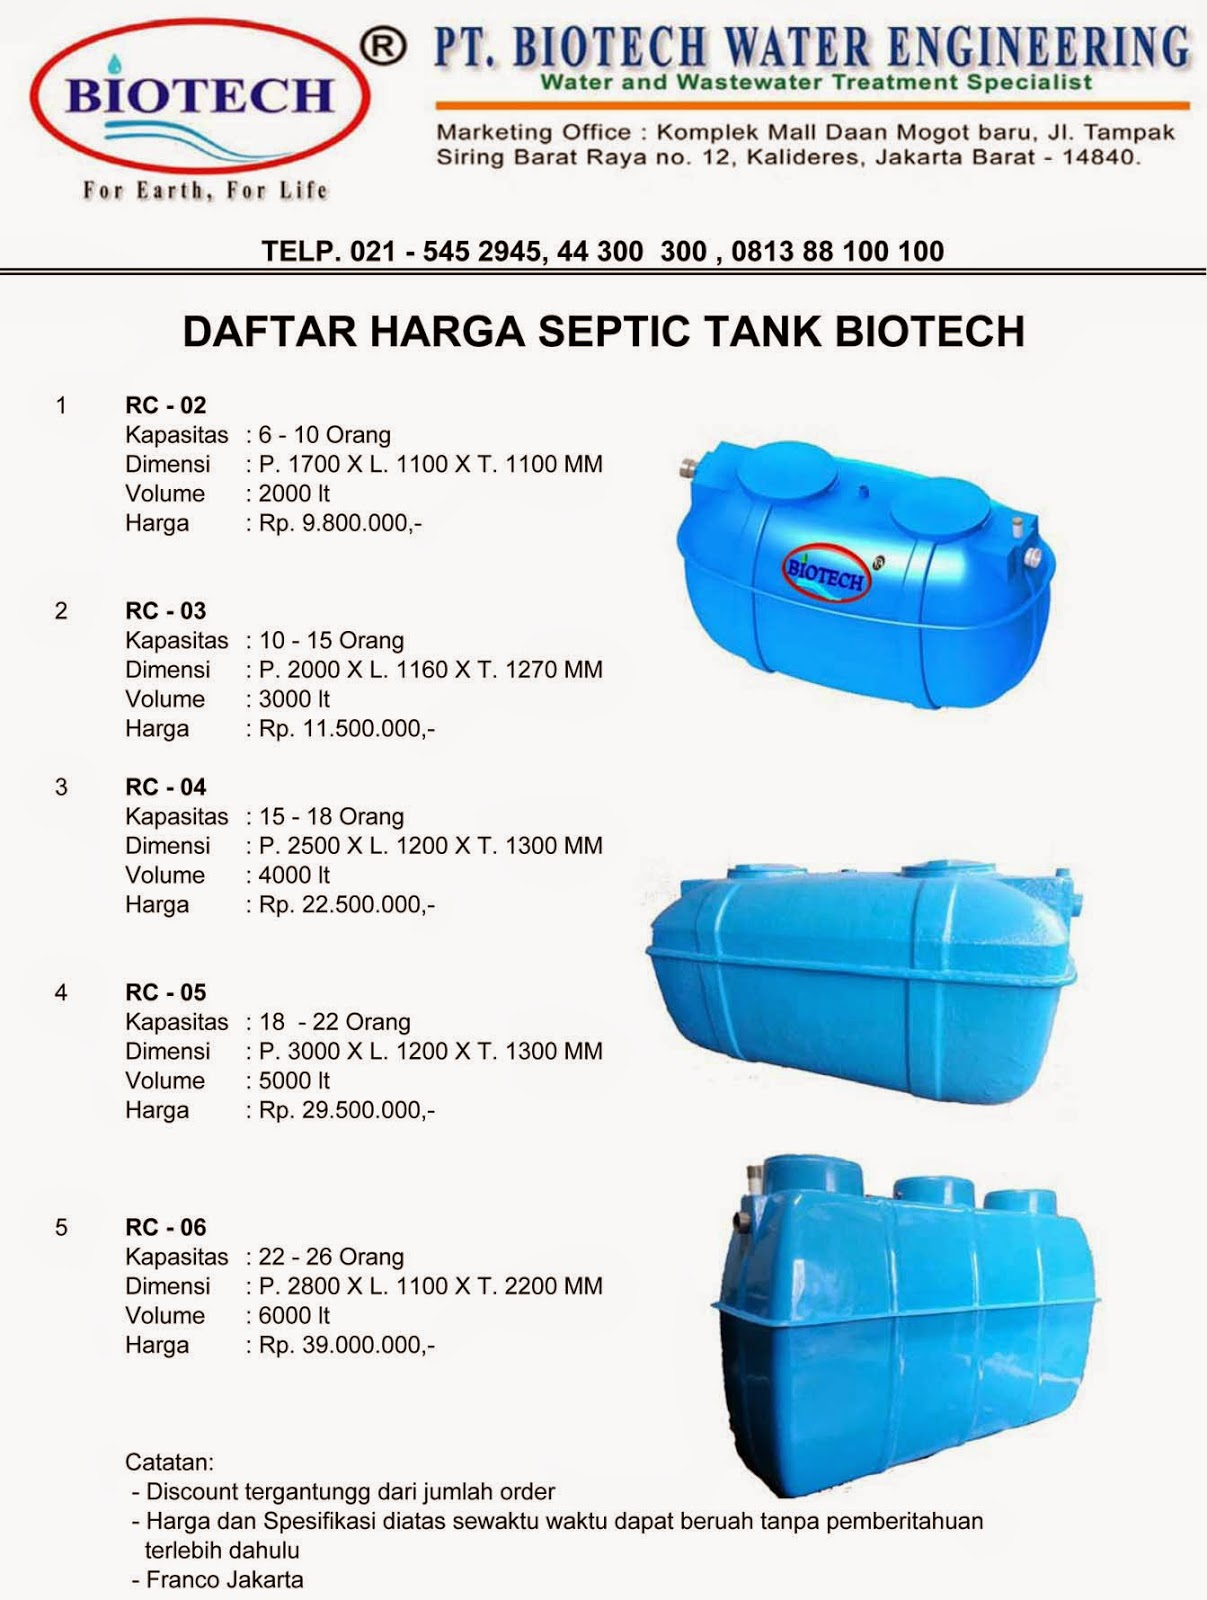 daftar harga septic tank biotech, biofive, biogift, biofil, biomaster, induro